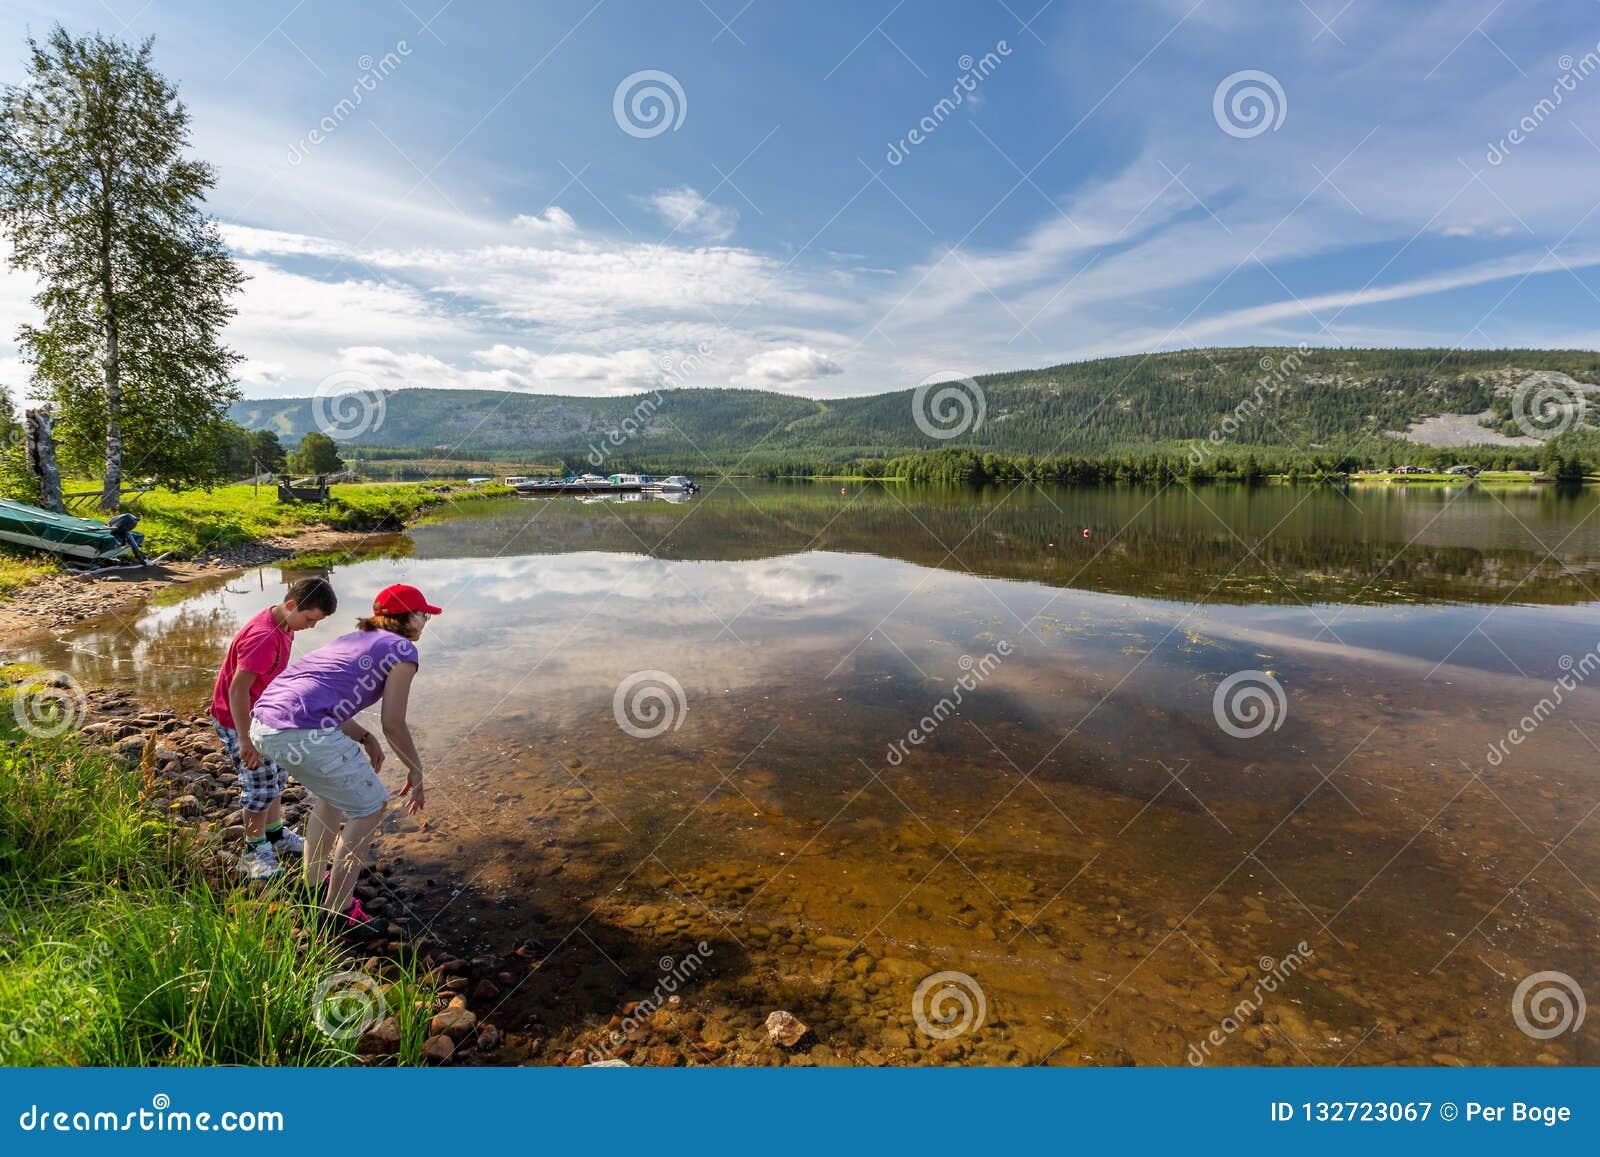 Mooi de zomerlandschap van een bergmeer met boten Een jonge jongen en een vrouw in de voorgrond